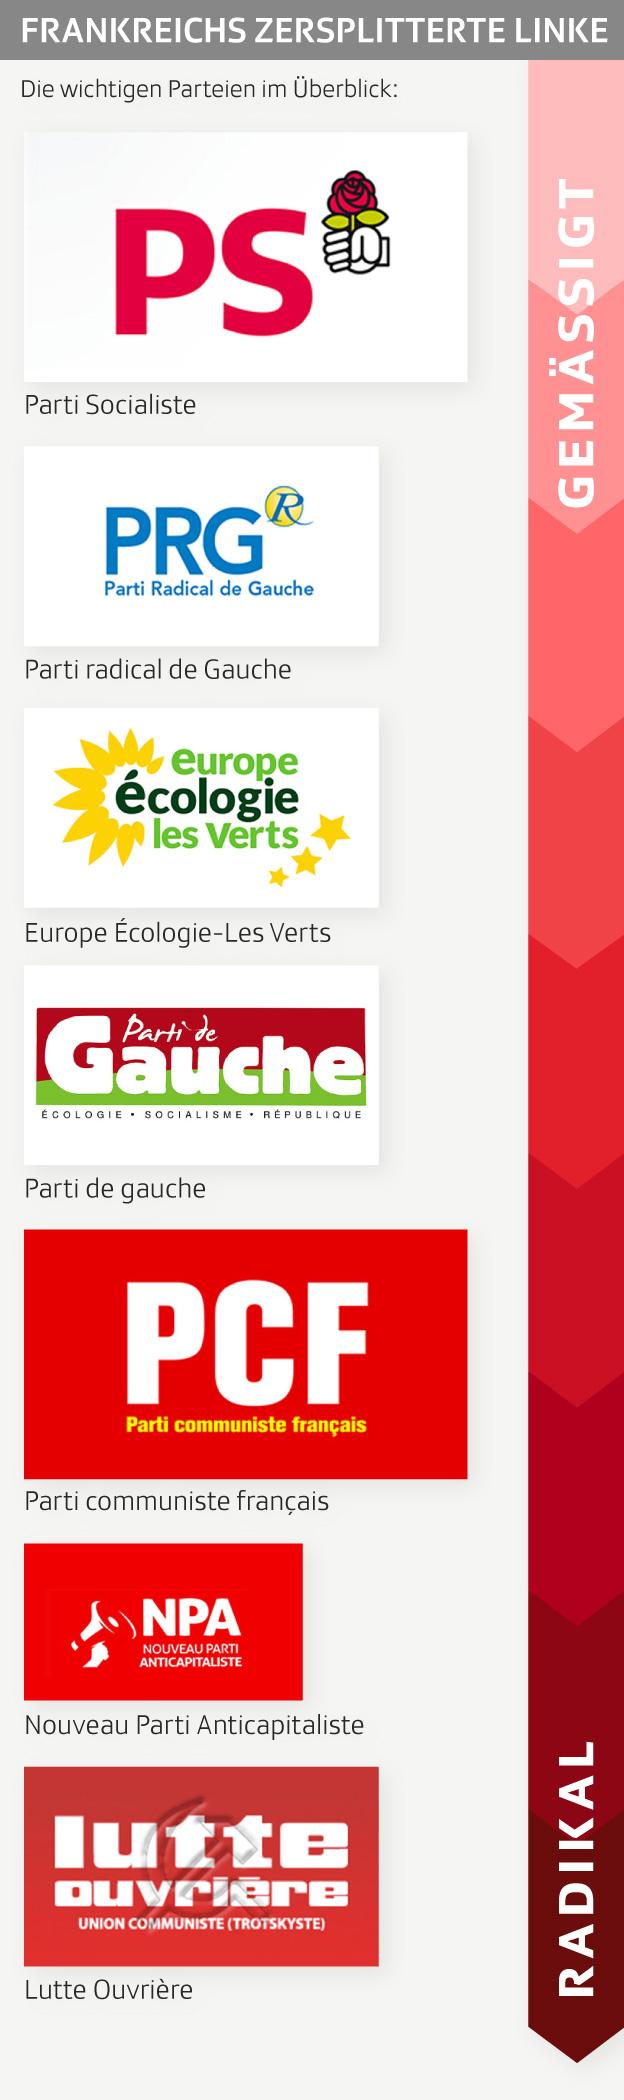 Grafik zeigt die Logos der Linksparteien in Frankreich